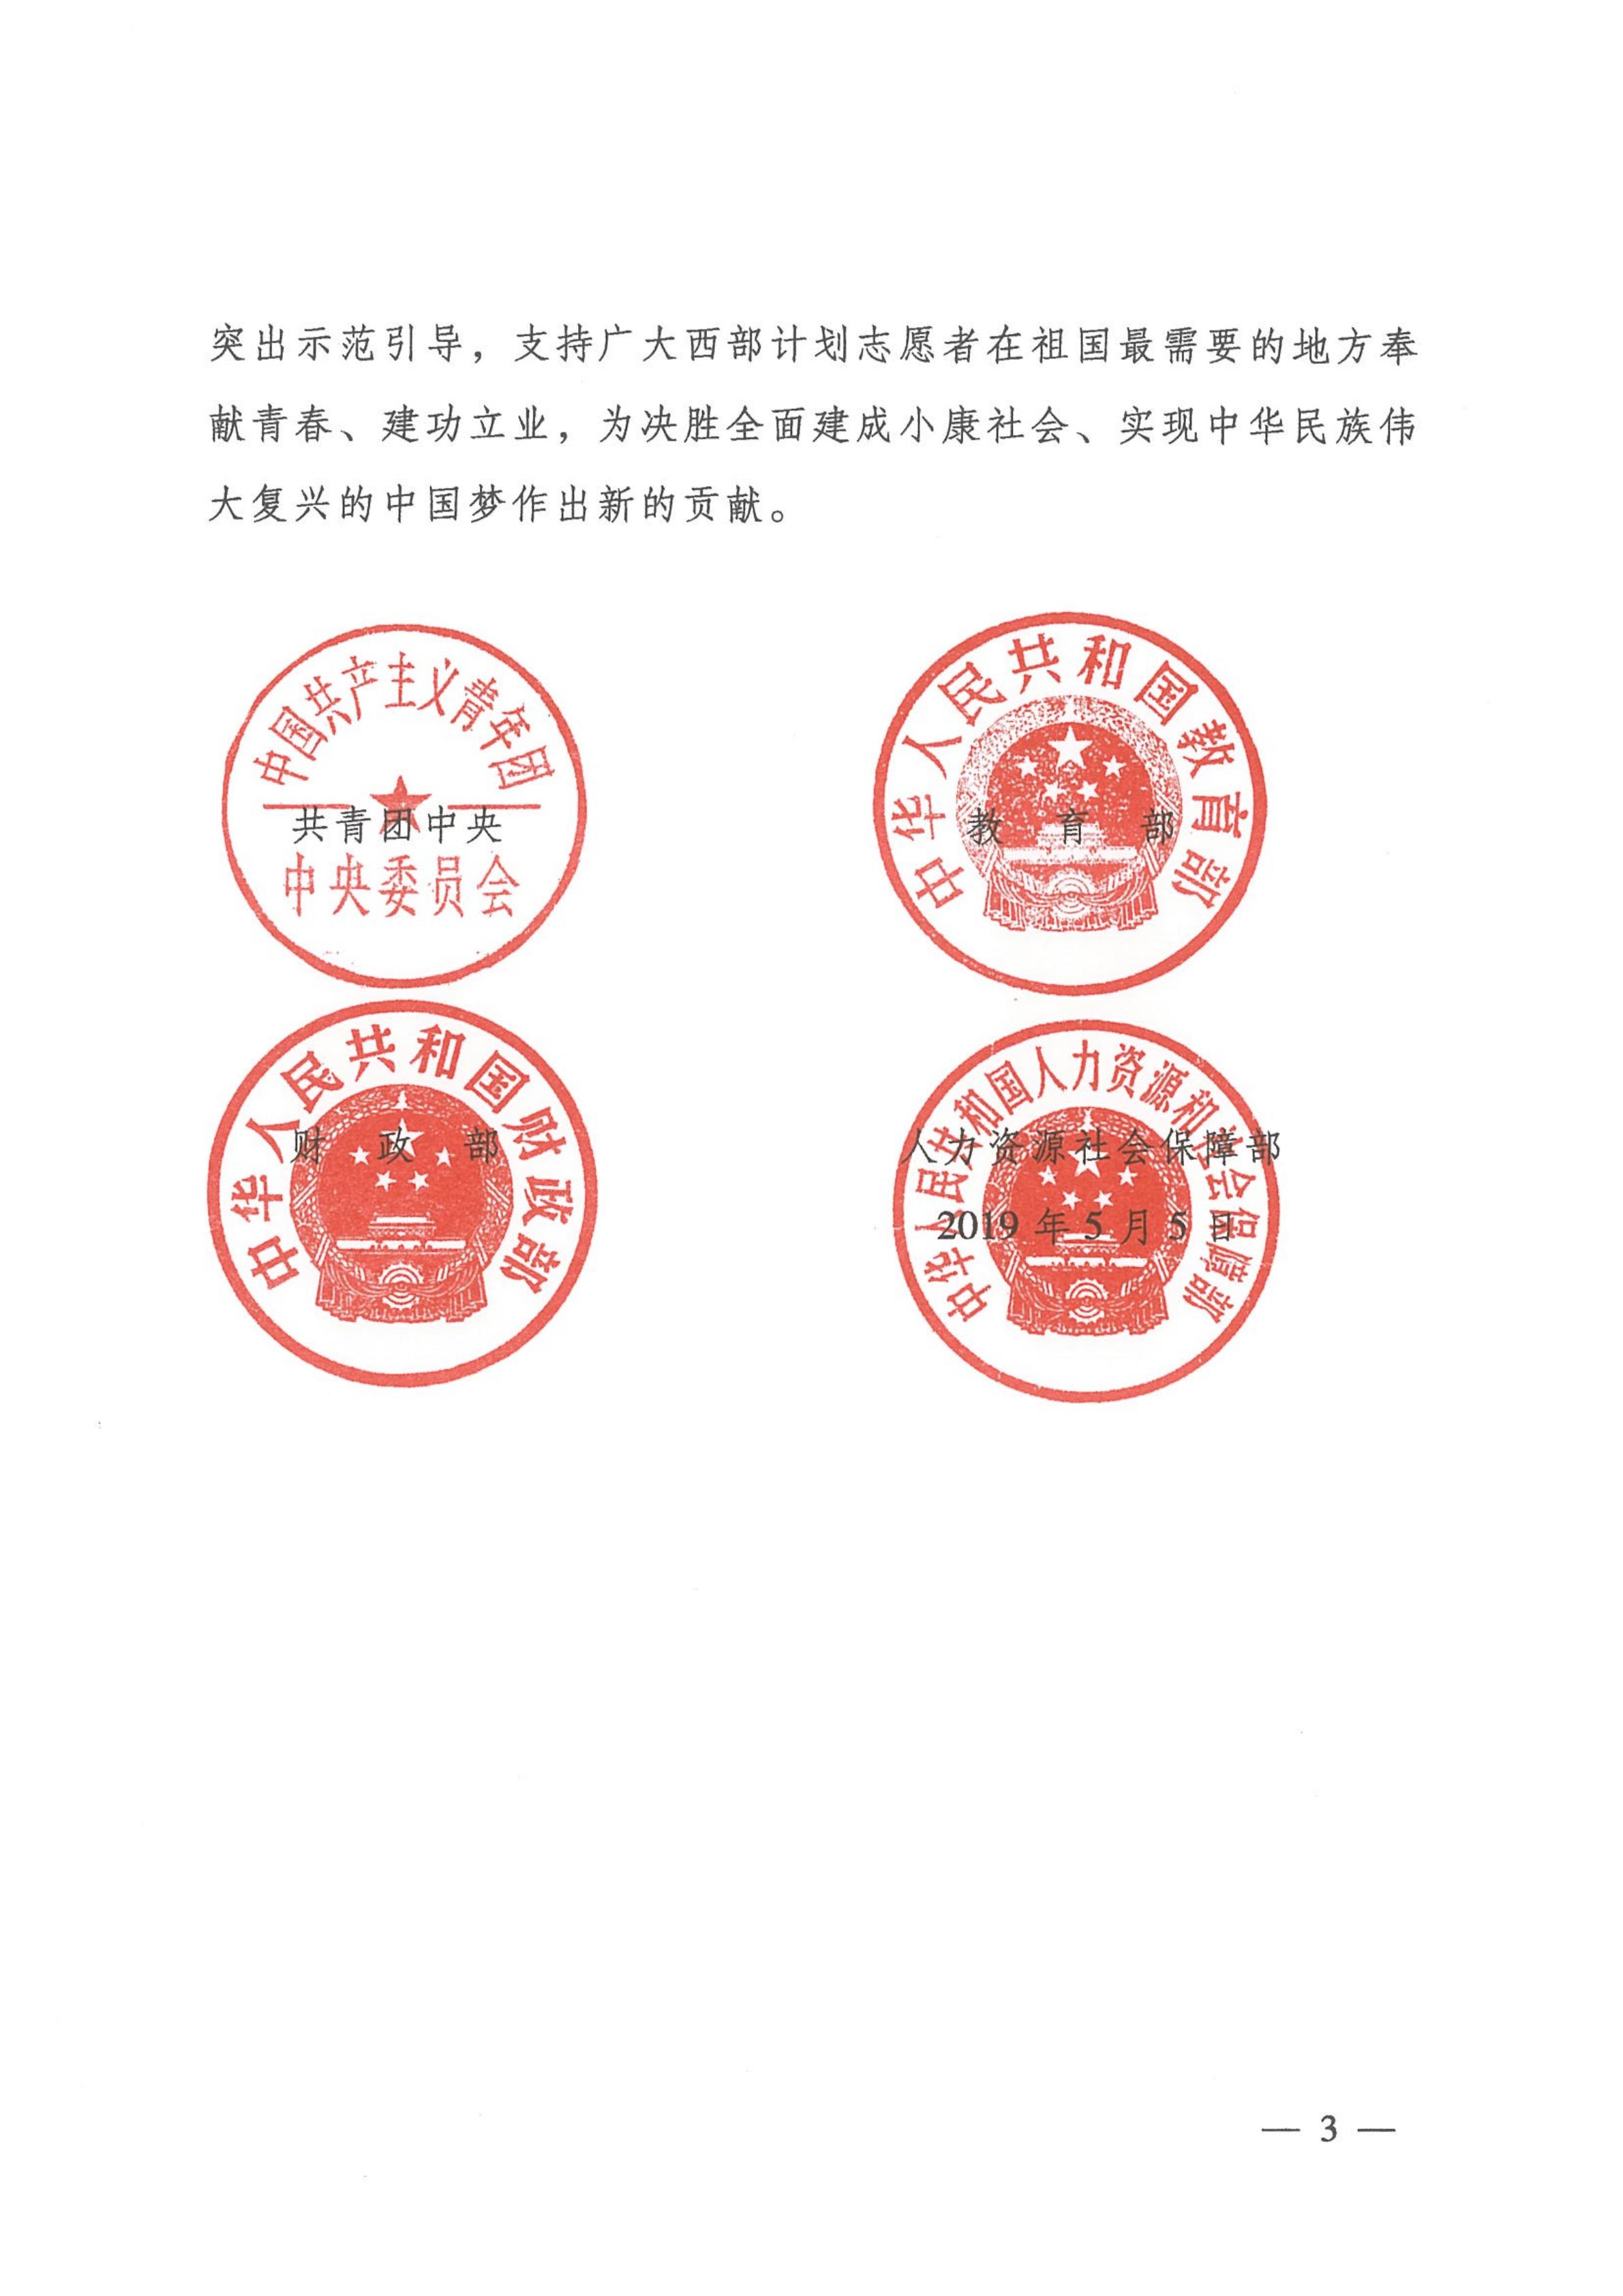 7-晋科院团[2019]7号-关于转发共青团中央《关于印发2019-2020年度大学生志愿服务西部计划实施方案》的通知》的通知_03.png